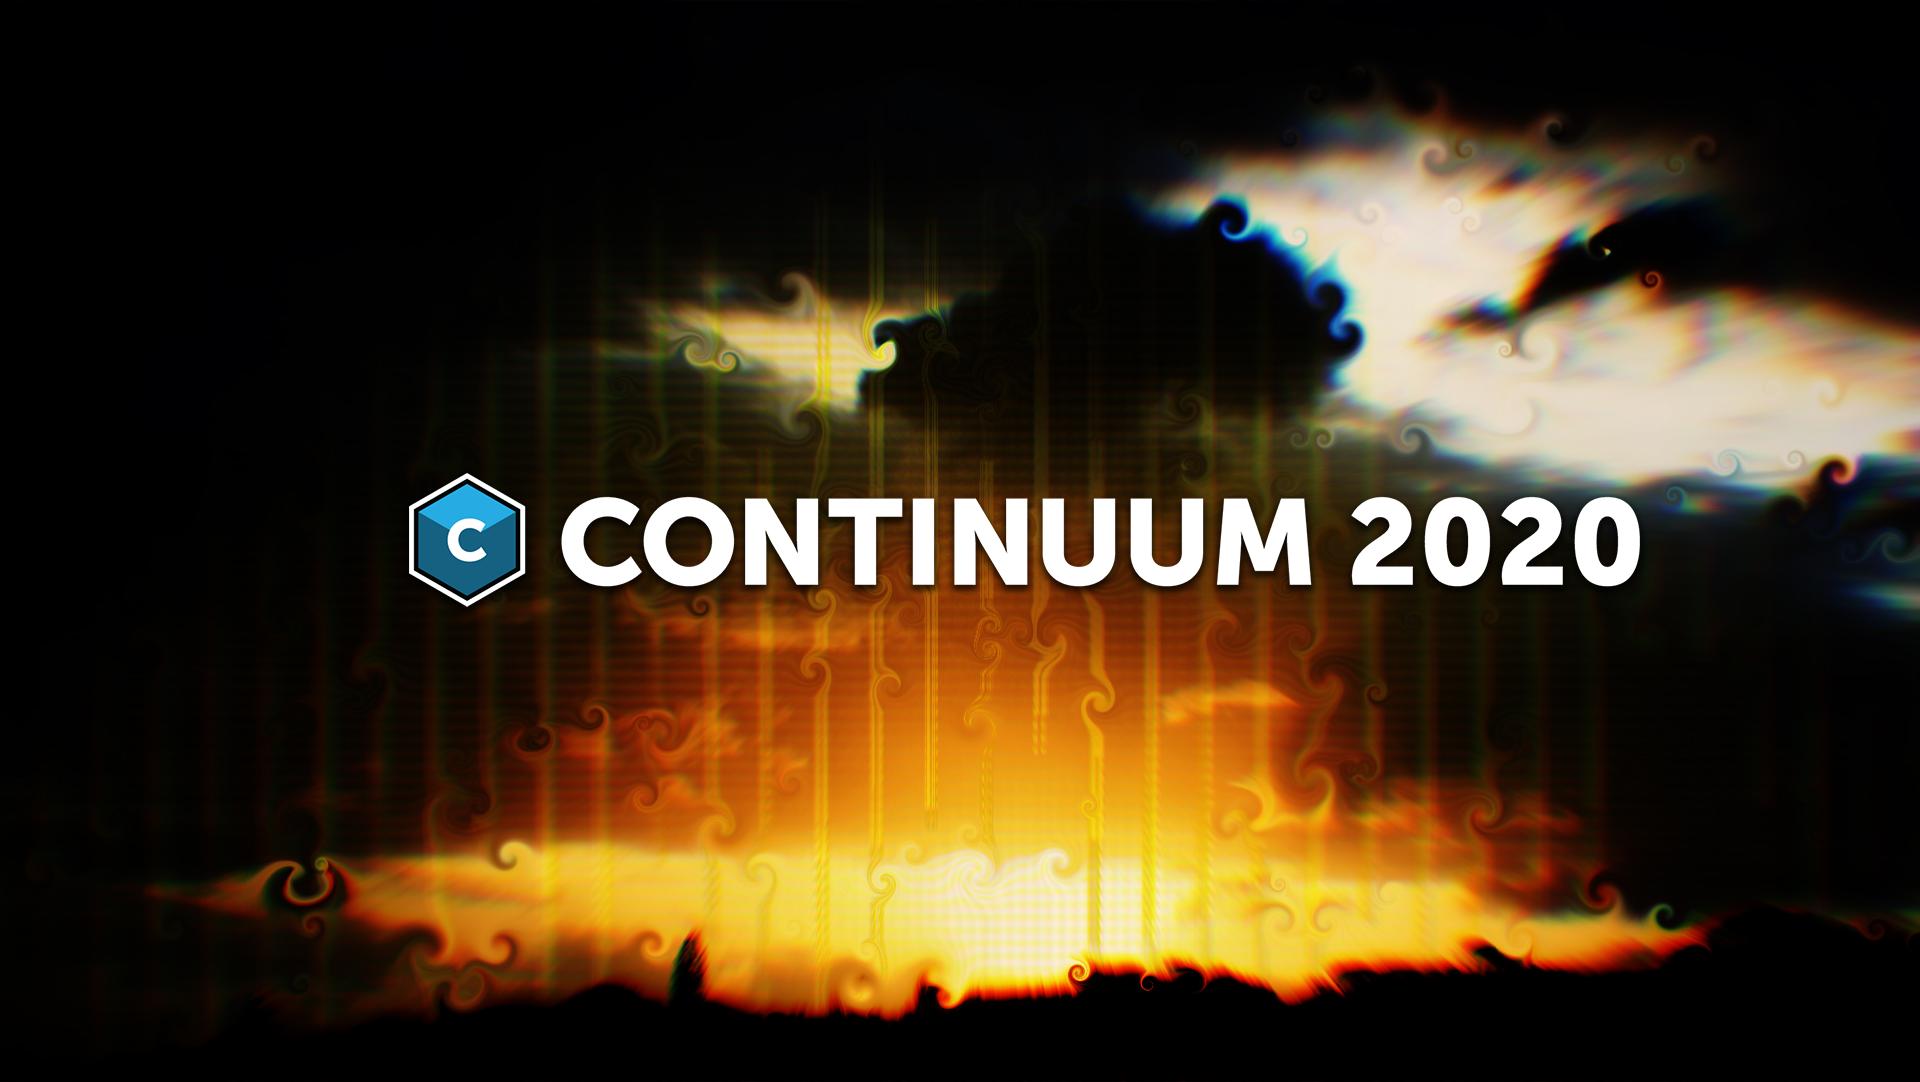 Continuum 2020 banner image